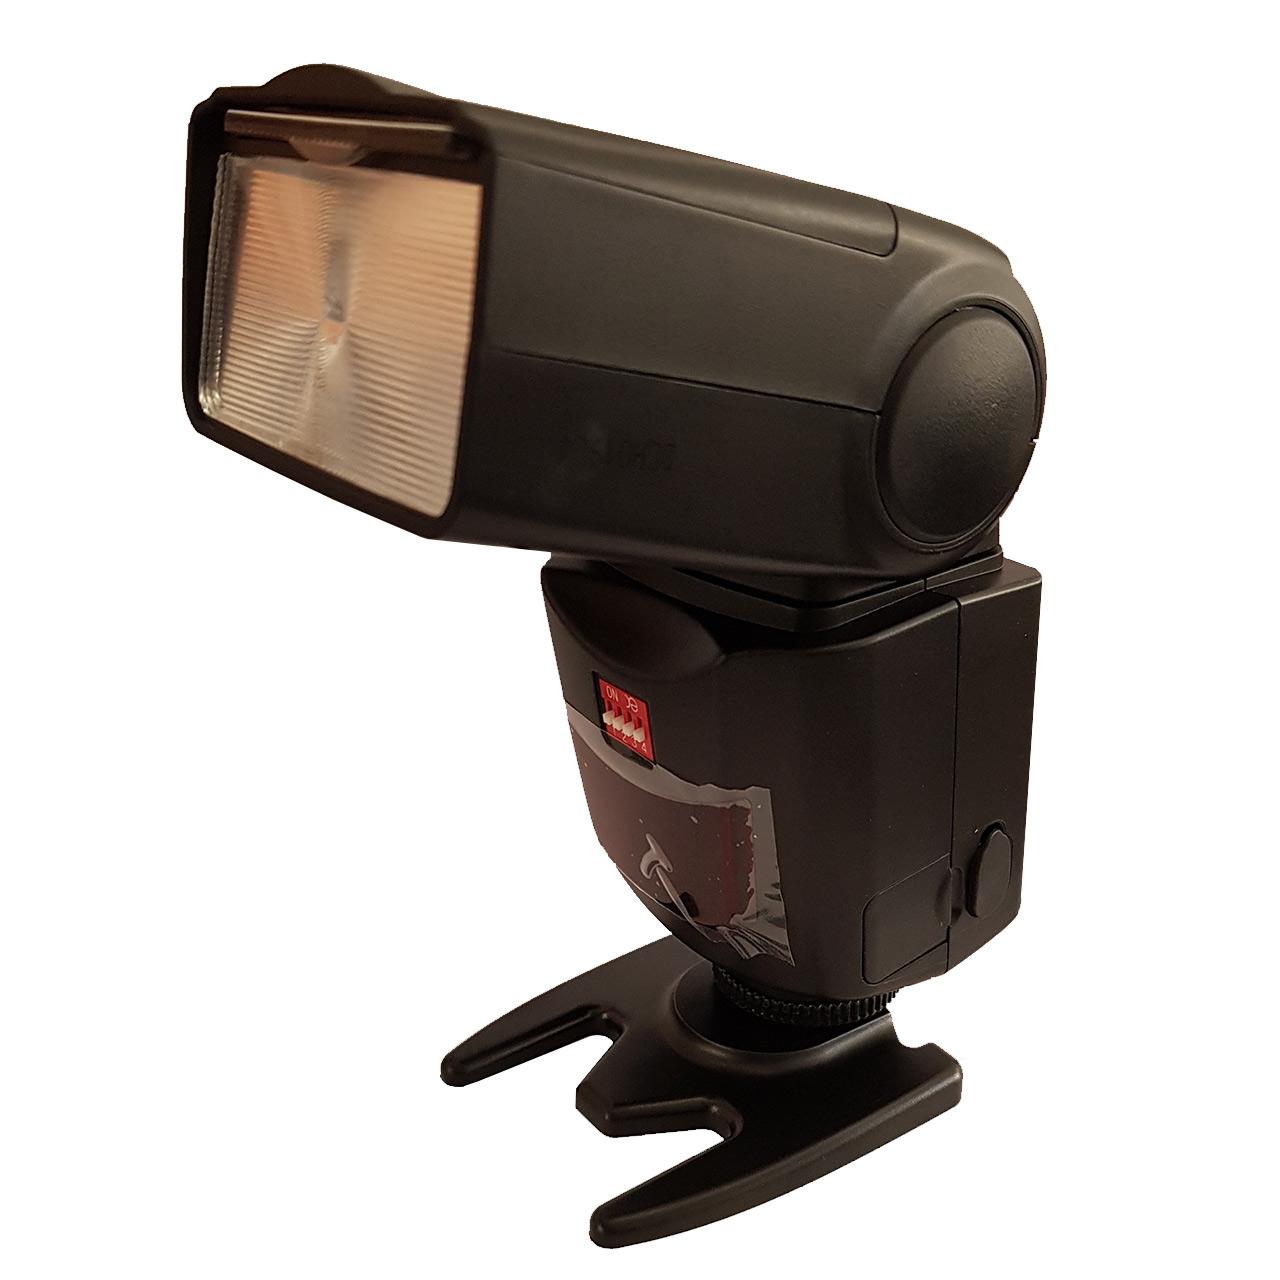 فلاش دوربین دی بی کی مدل DF-403